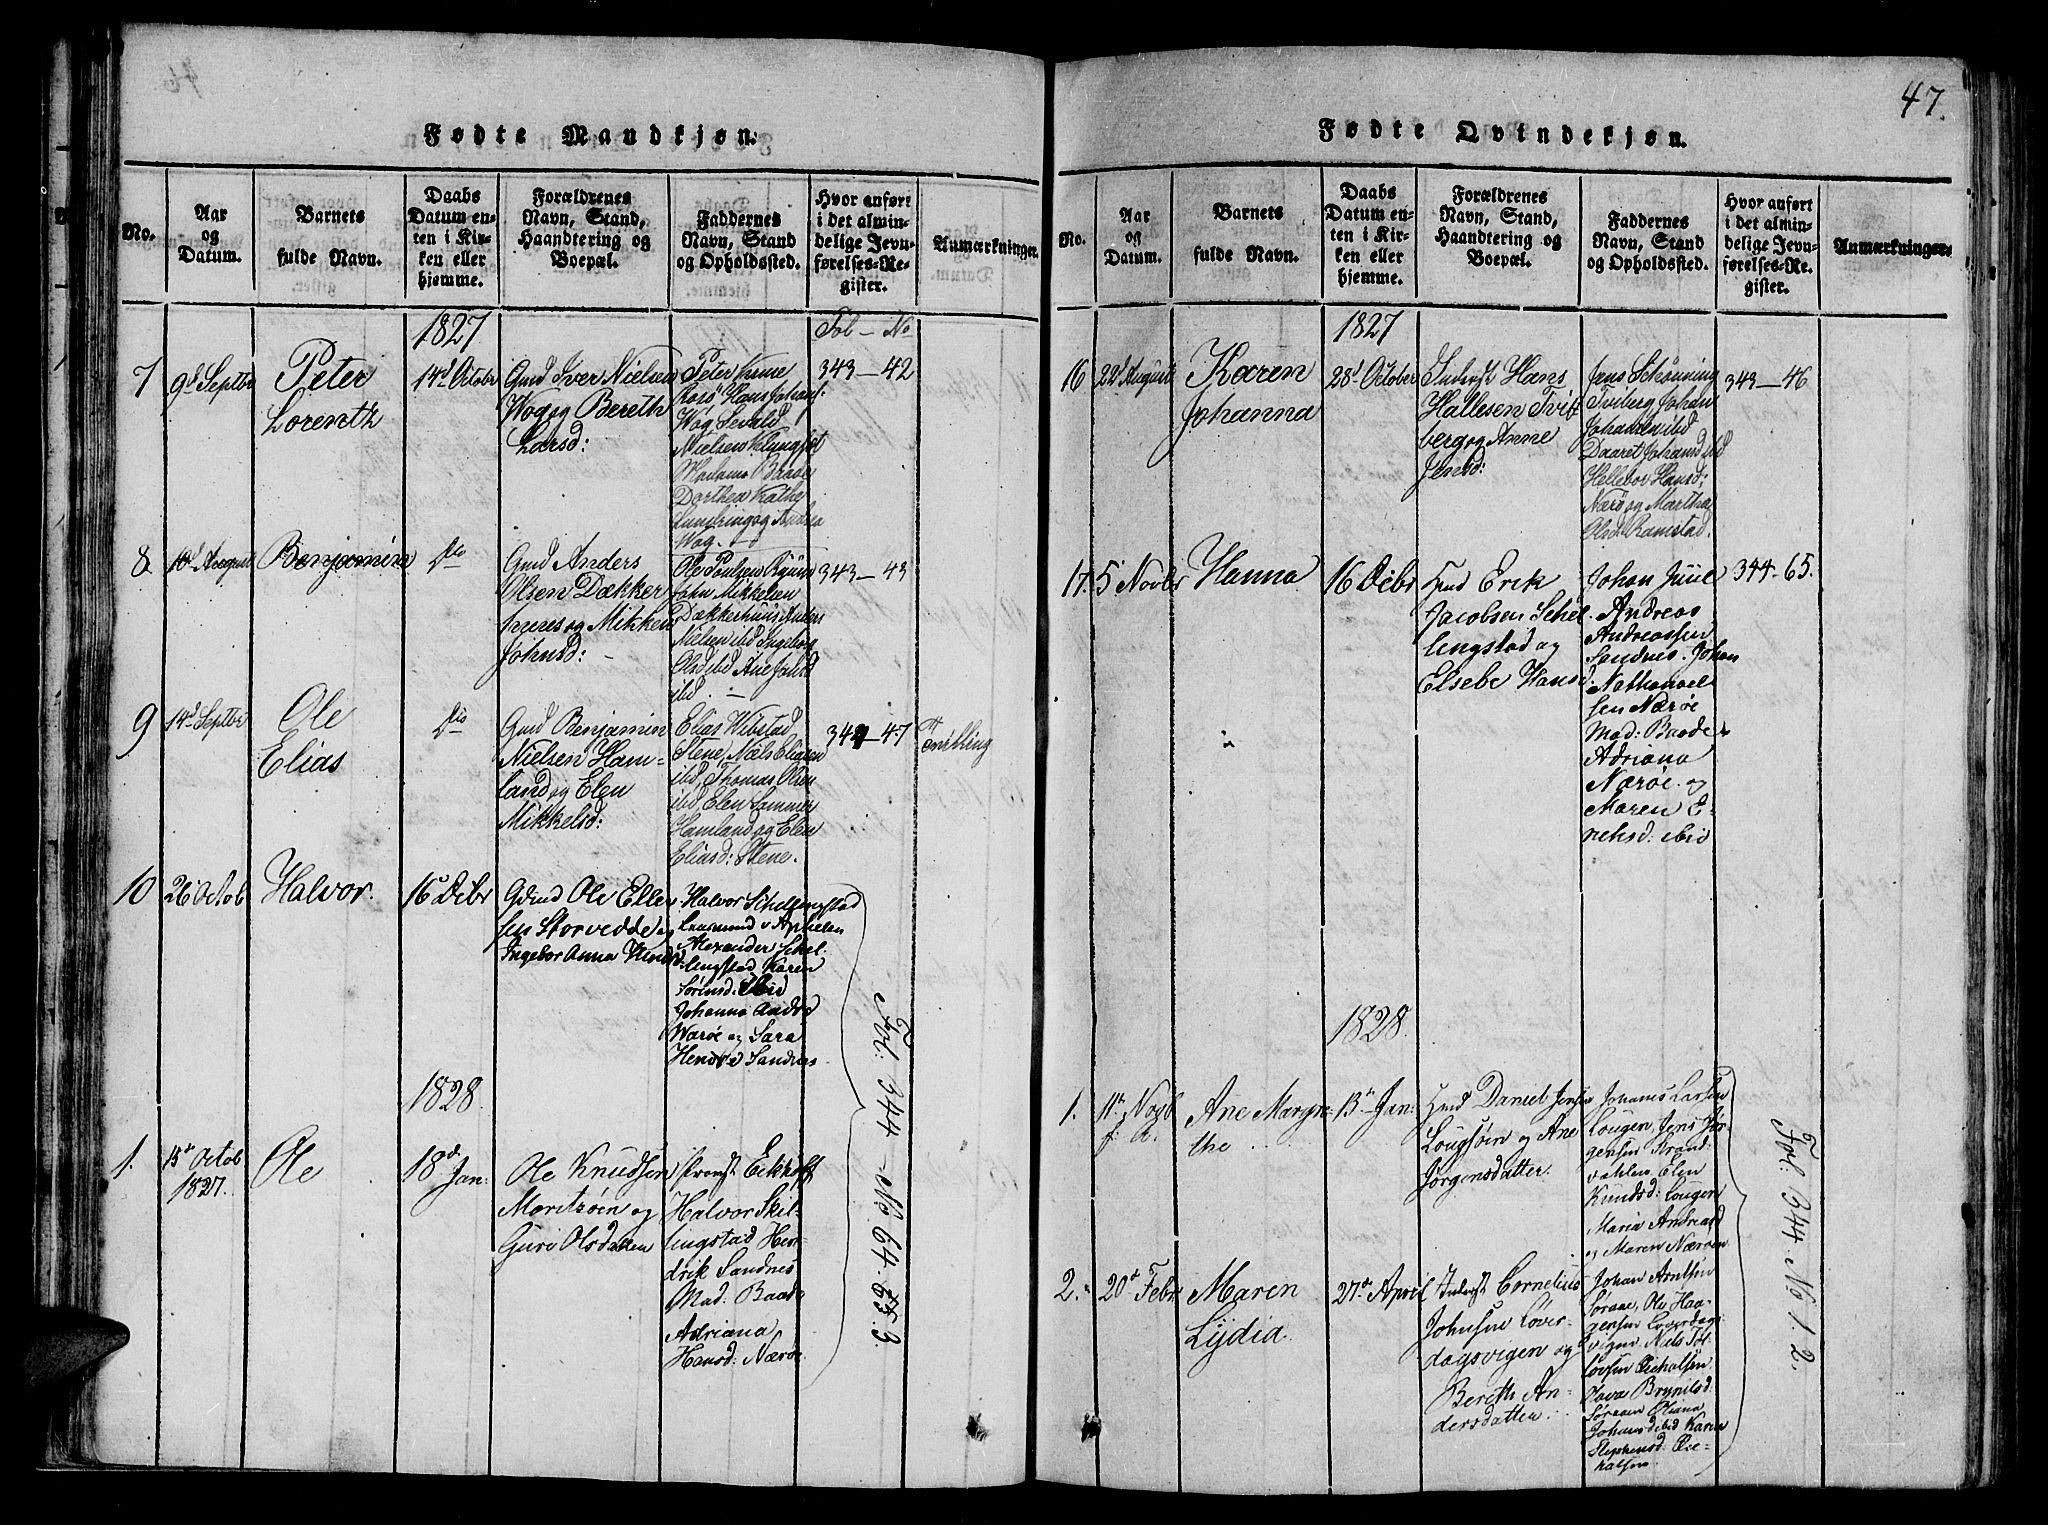 SAT, Ministerialprotokoller, klokkerbøker og fødselsregistre - Nord-Trøndelag, 784/L0667: Ministerialbok nr. 784A03 /1, 1816-1829, s. 47